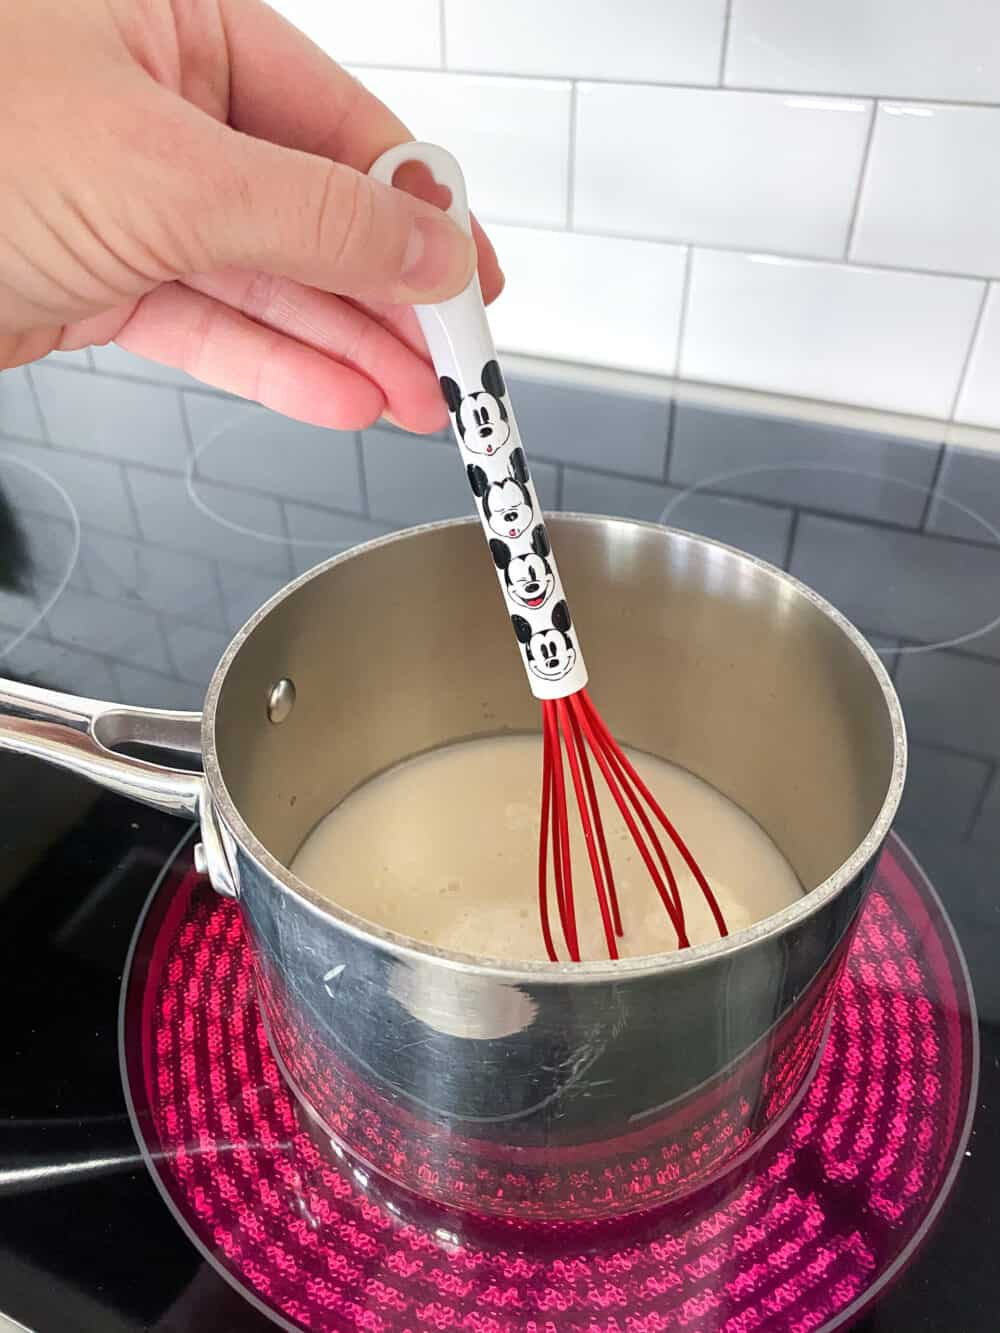 whisking chocolate in saucepan